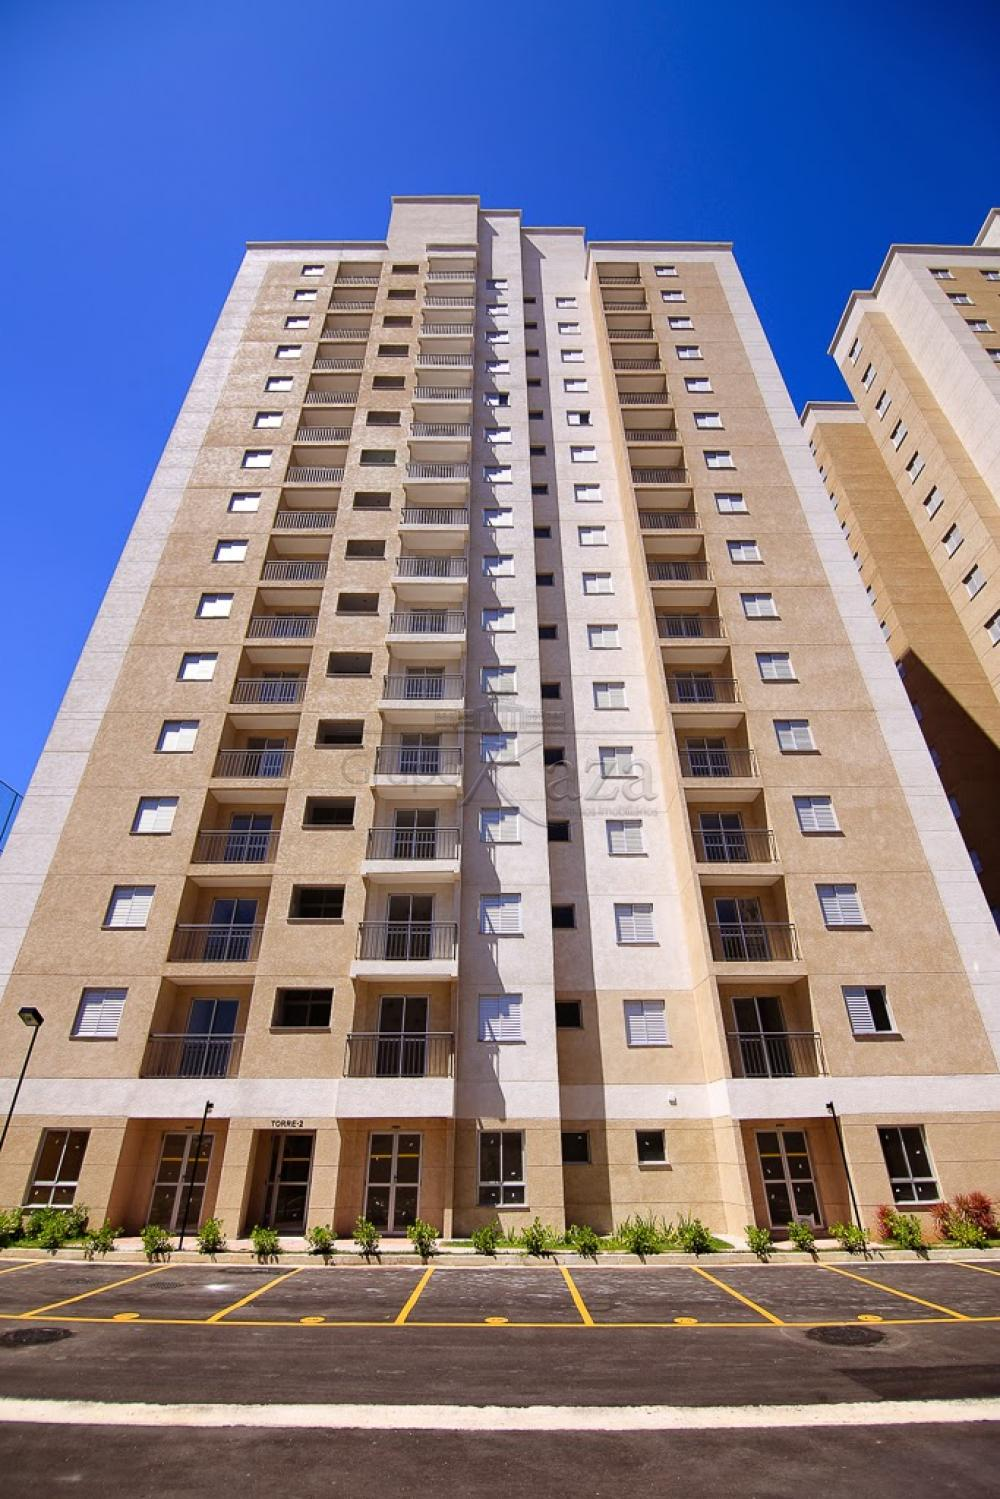 Comprar Apartamento / Padrão em São José dos Campos apenas R$ 295.000,00 - Foto 1